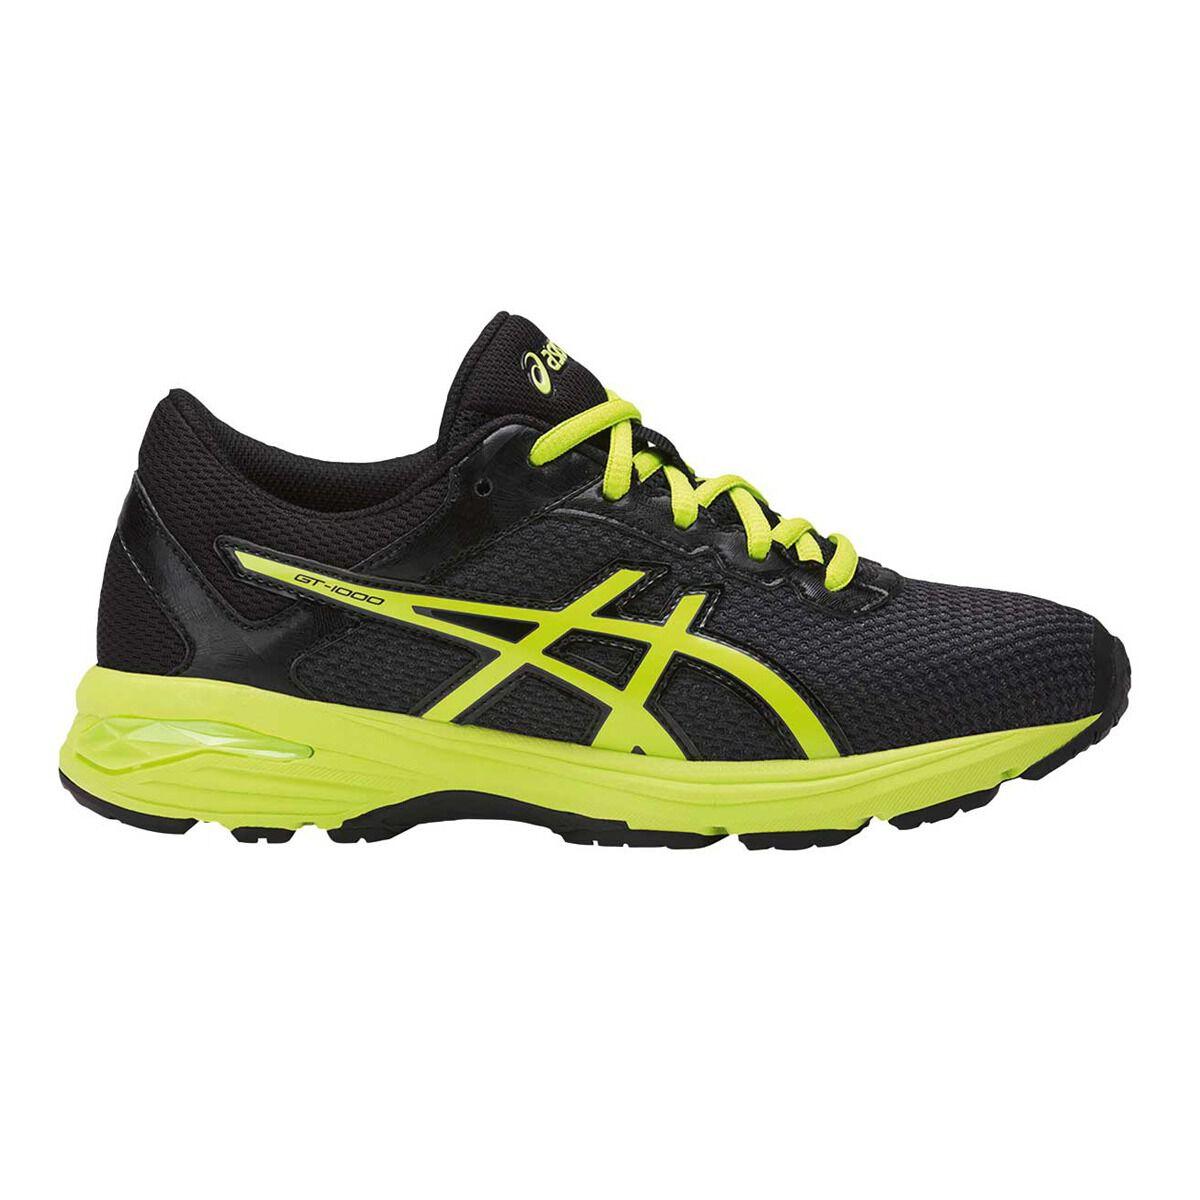 Asics GT 1000 6 Kids Running Shoes